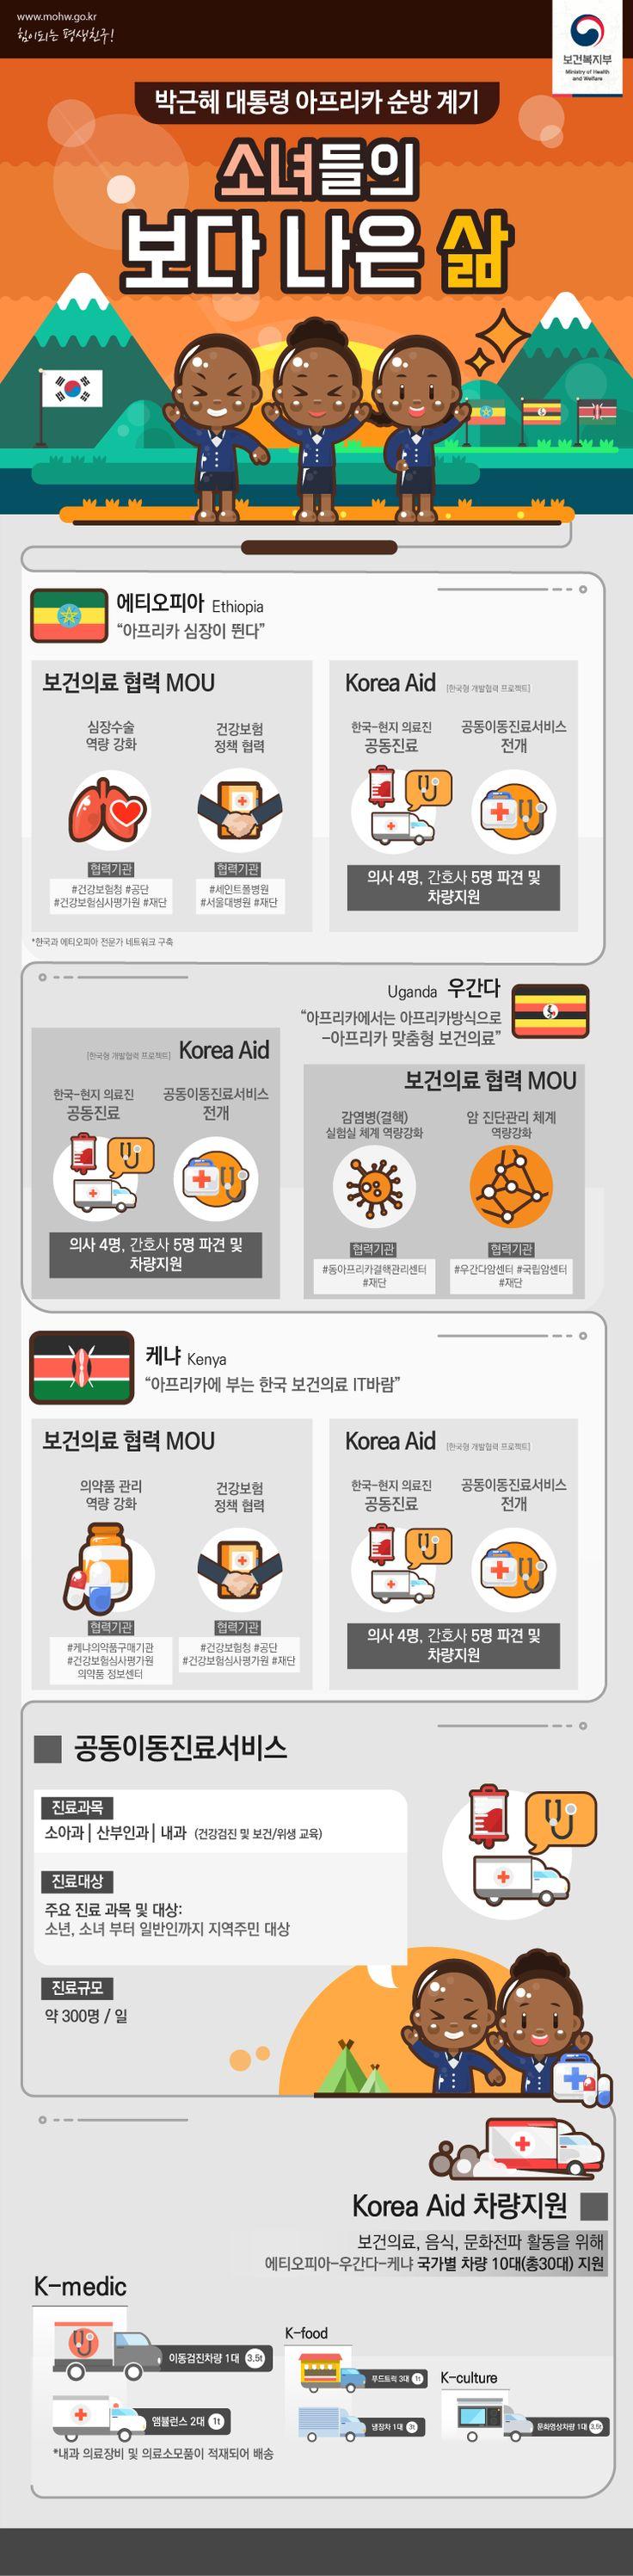 [인포] 박근혜 대통령 아프리카 순방 계기로 소녀들의 보다 나은 삶을 위해 보건의료 협력 MOU 등 성과를 인포그래픽으로 제작했습니다. #보건복지부 #MOU #인포그래픽 #에티오피아 #우간다 #케냐 #소녀들의_보다_나은_삶